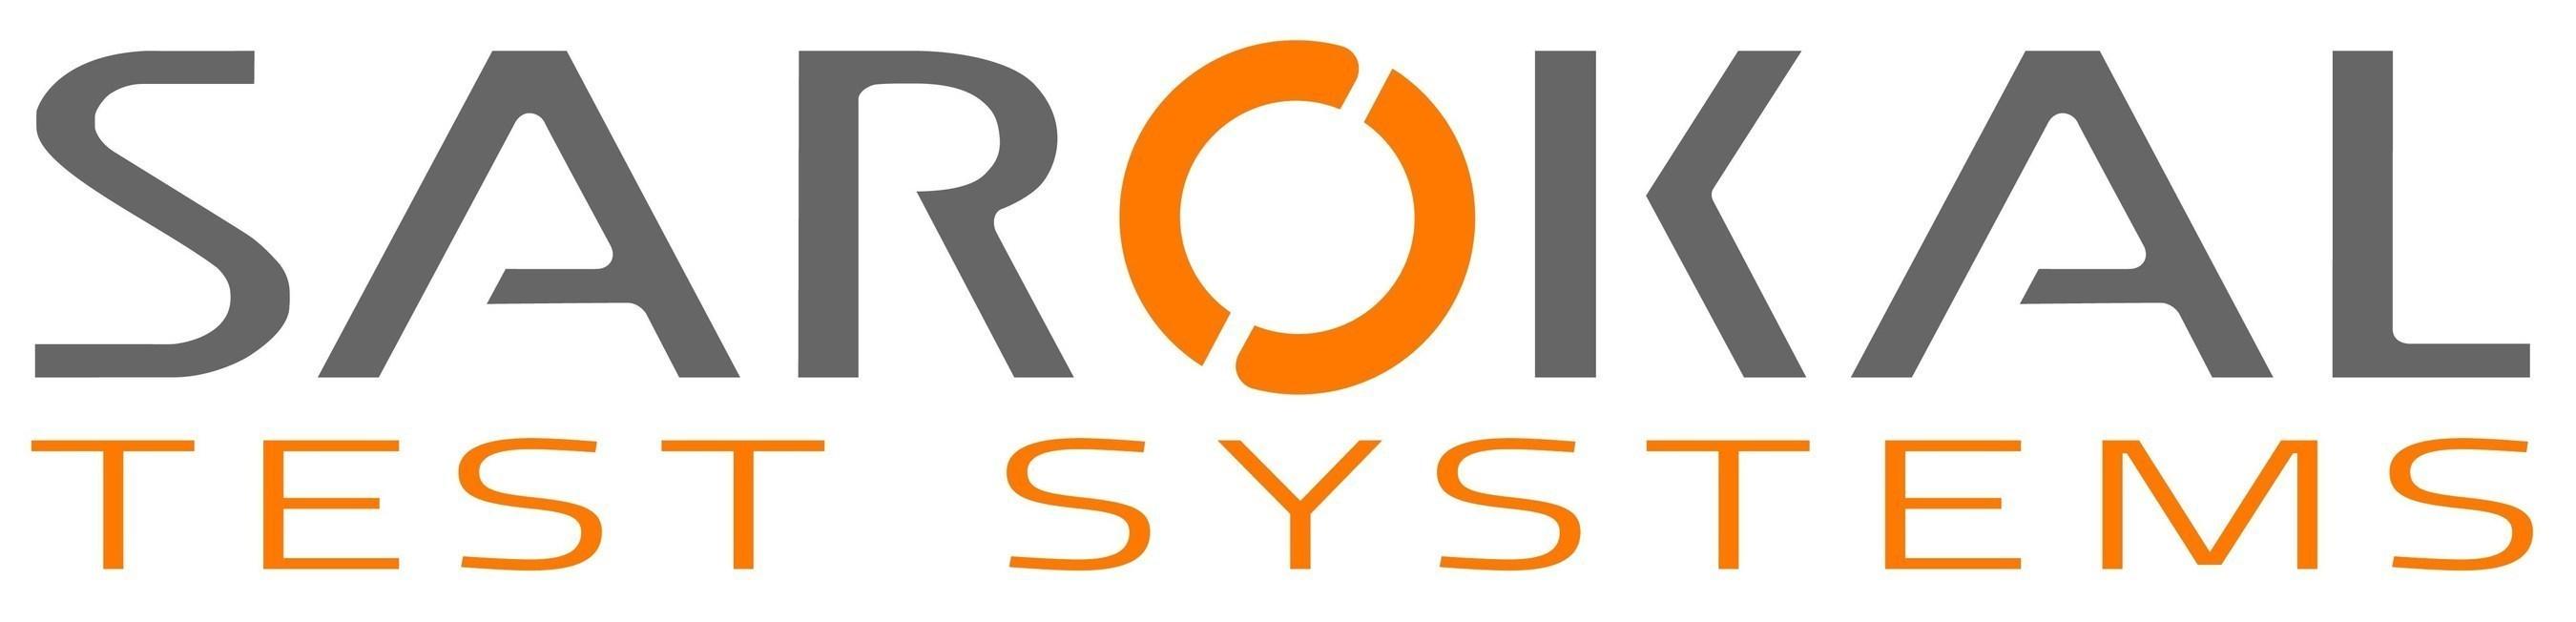 Sarokal Test Systems Oy (PRNewsFoto/Sarokal Test Systems Oy)